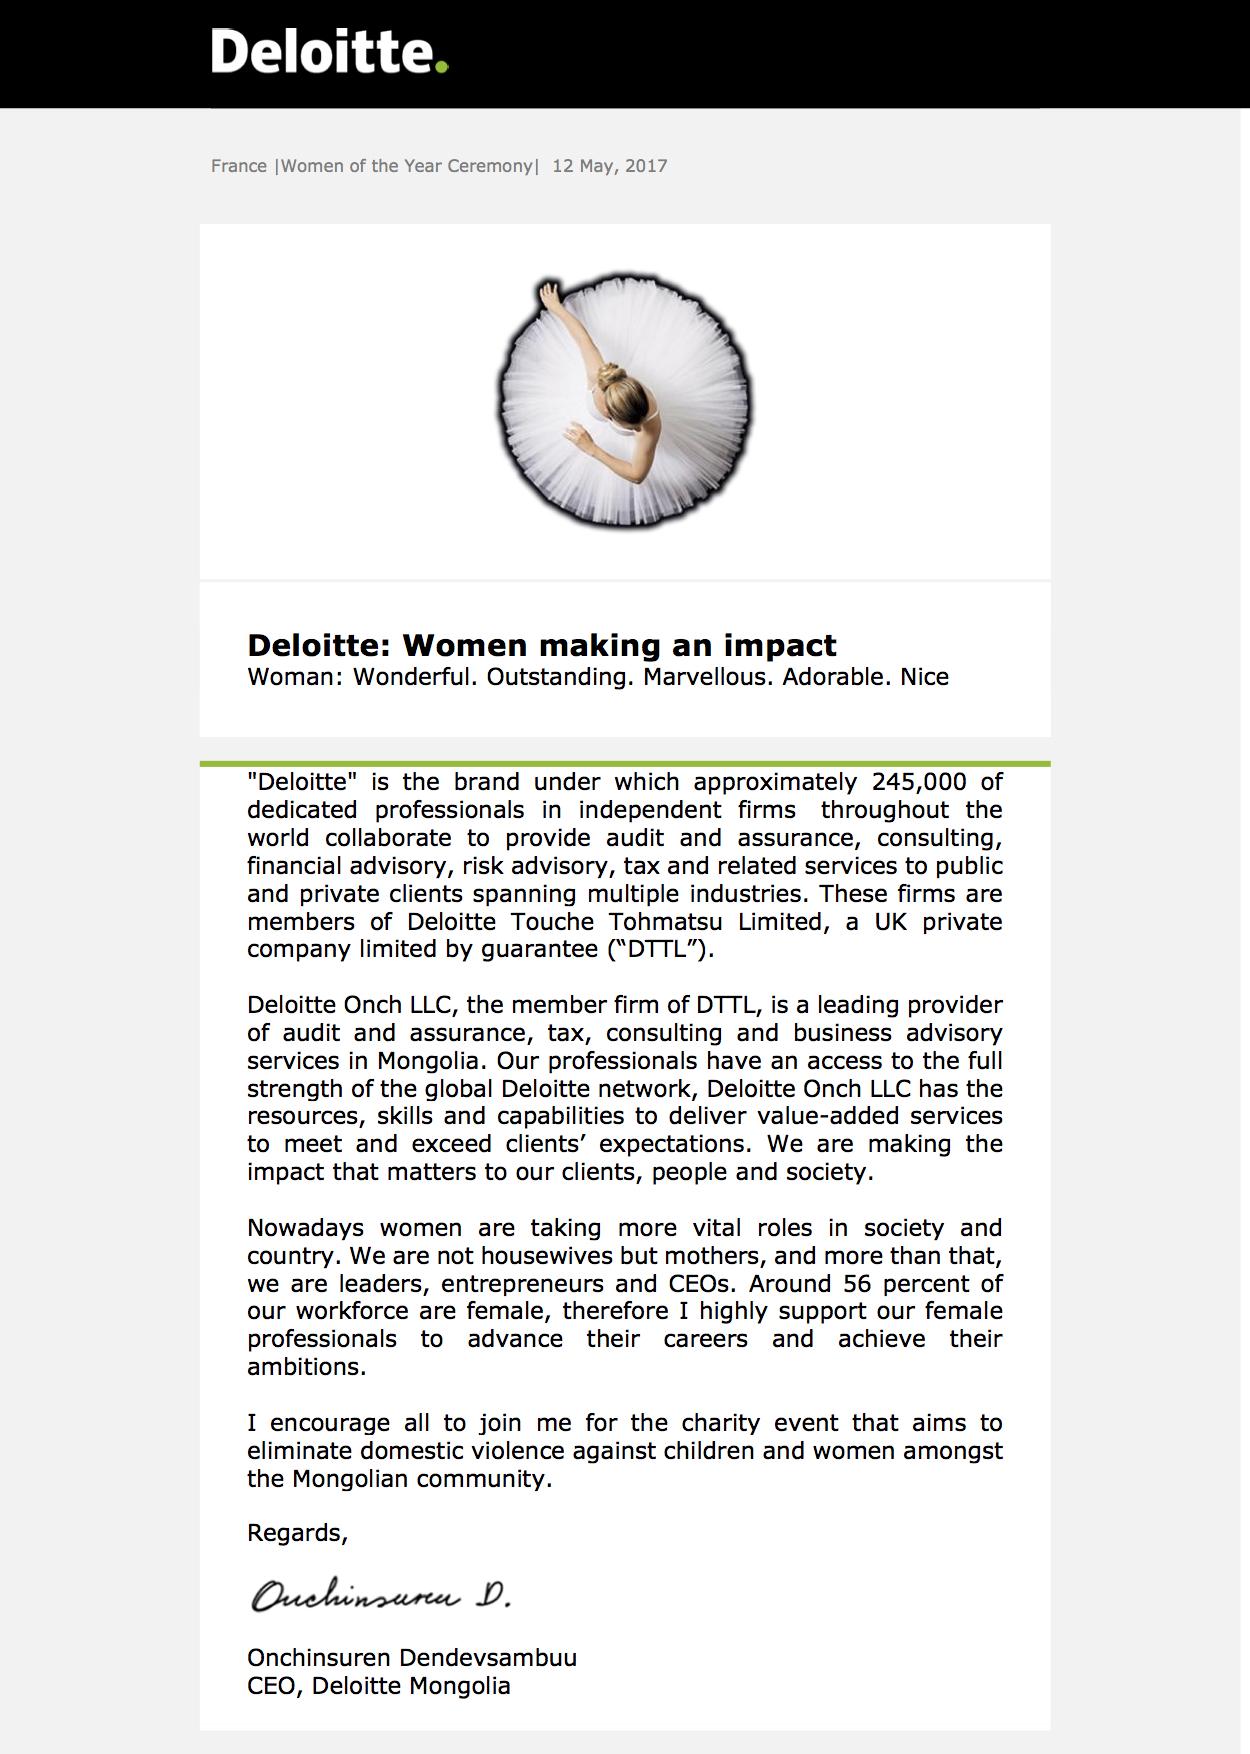 Women making an impact 5.12.17